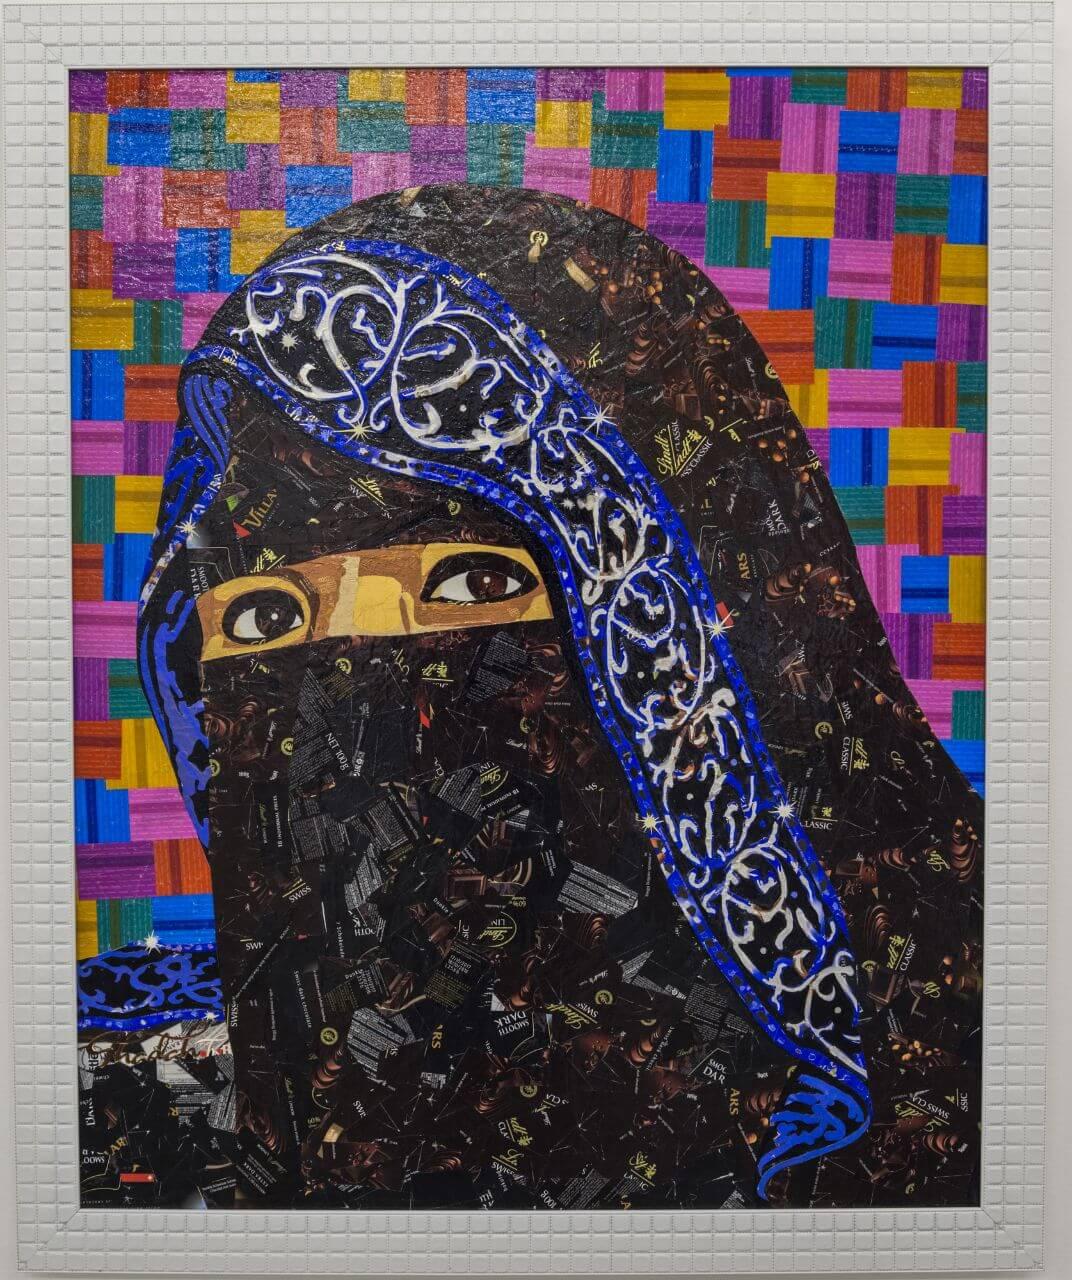 Saudi Artist - Ghadah AlRabee